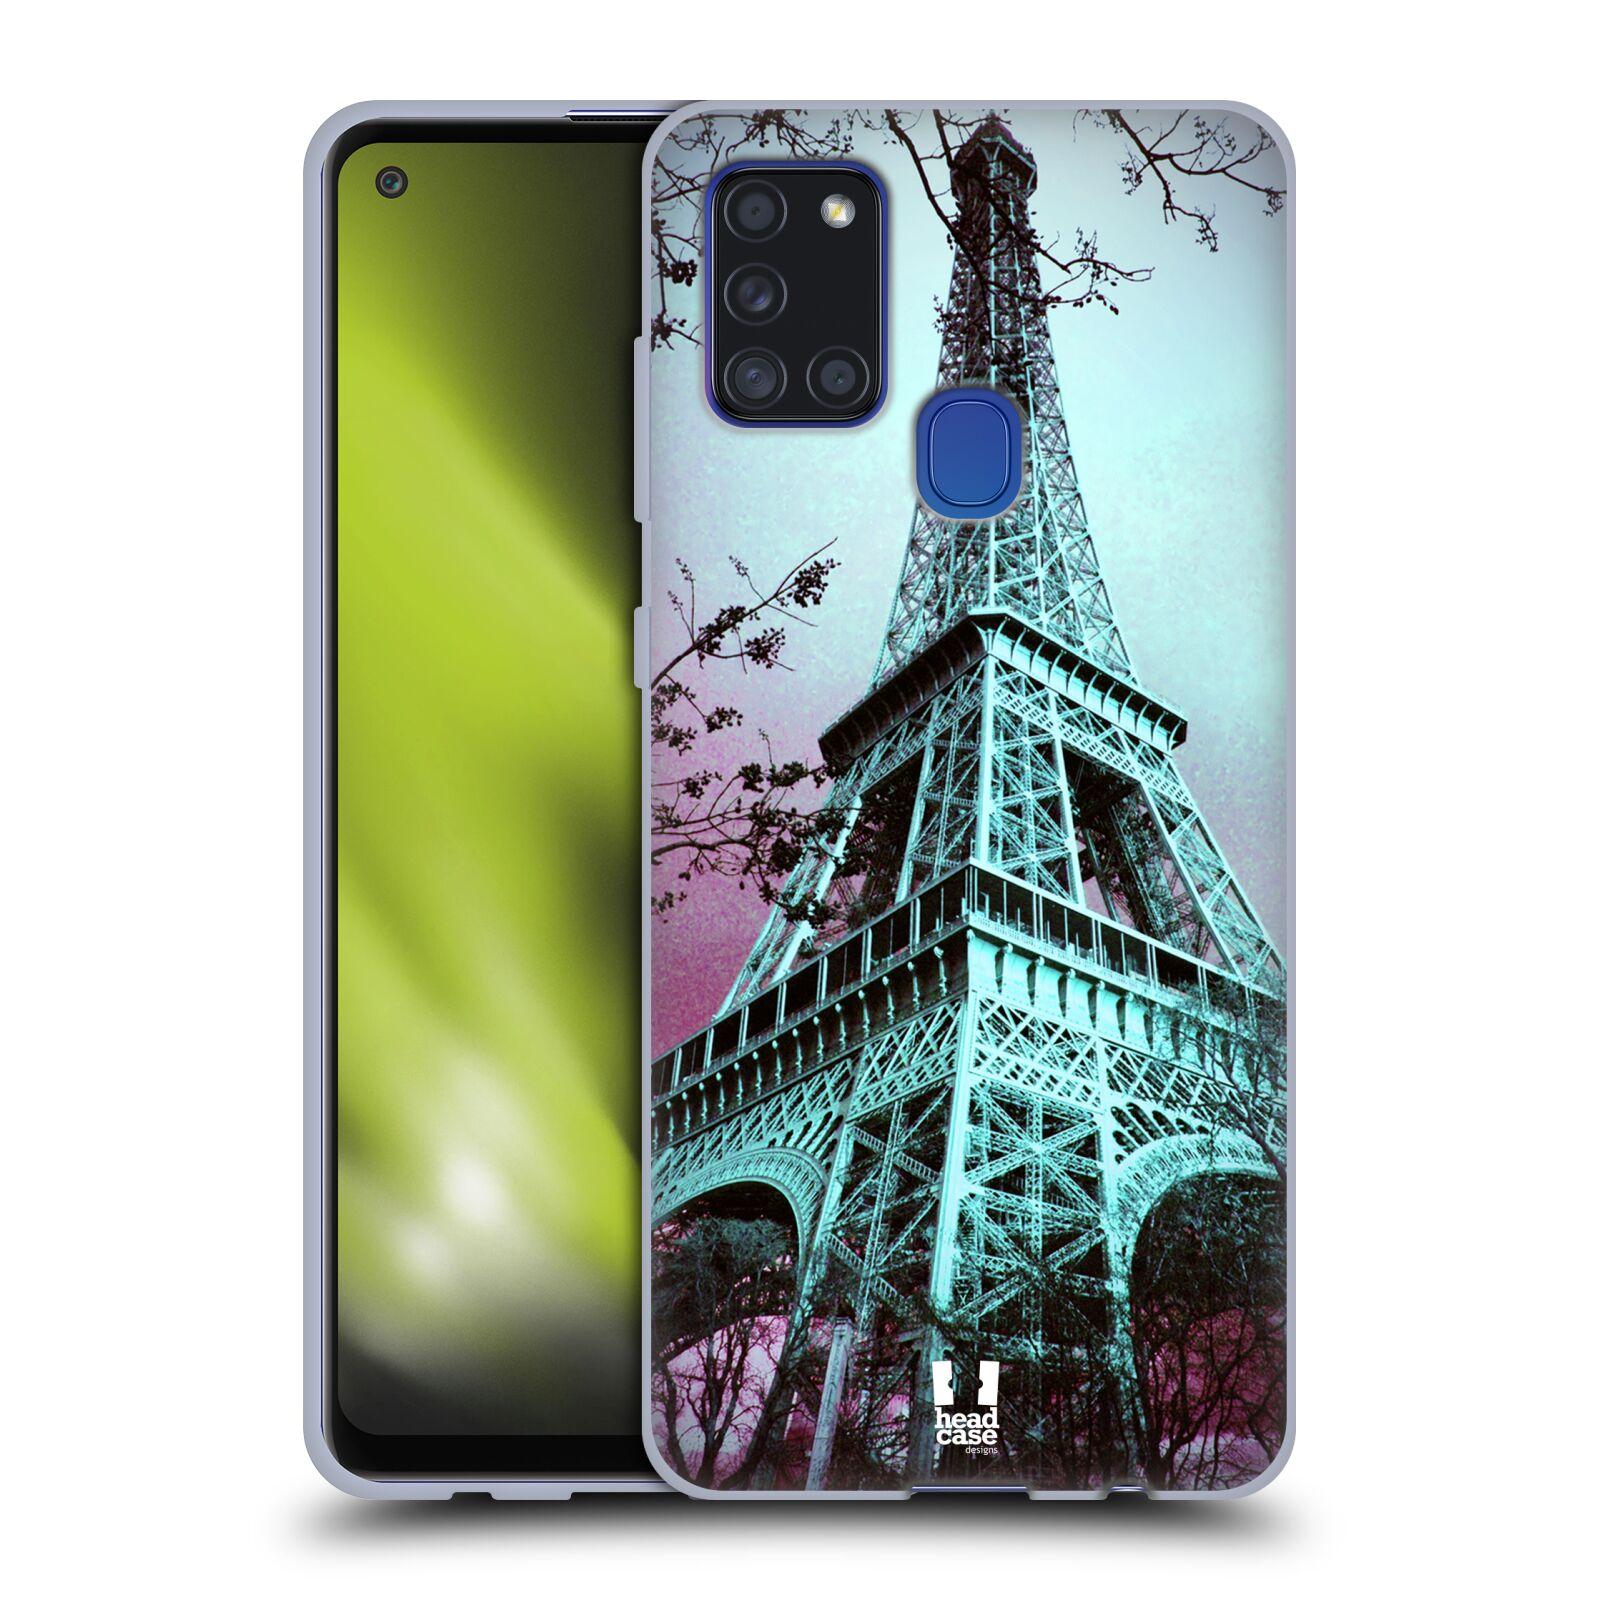 Silikonové pouzdro na mobil Samsung Galaxy A21s - Head Case -  RŮŽOVOMODRÁ AIFELOVKA